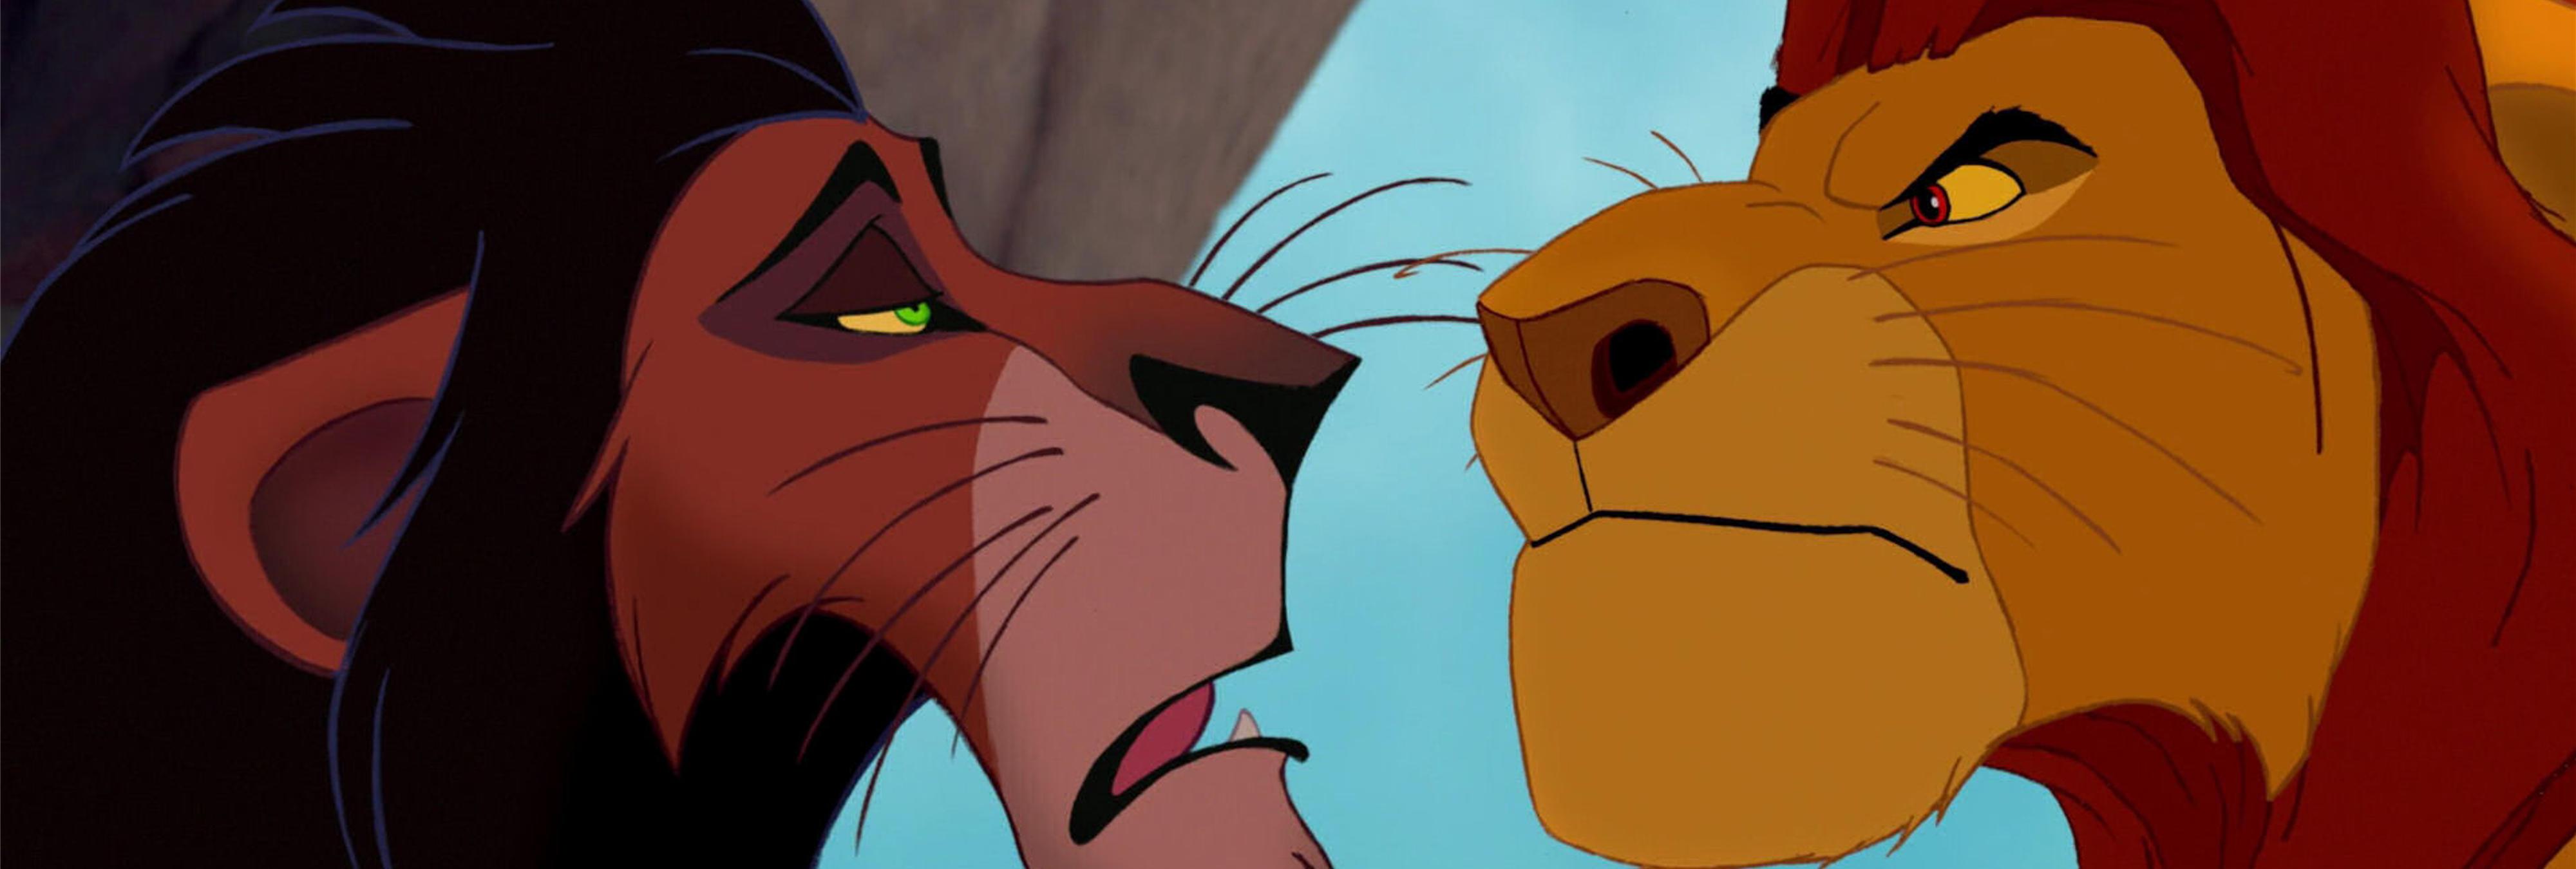 Mufasa y Scar nunca fueron hermanos en 'El Rey León'